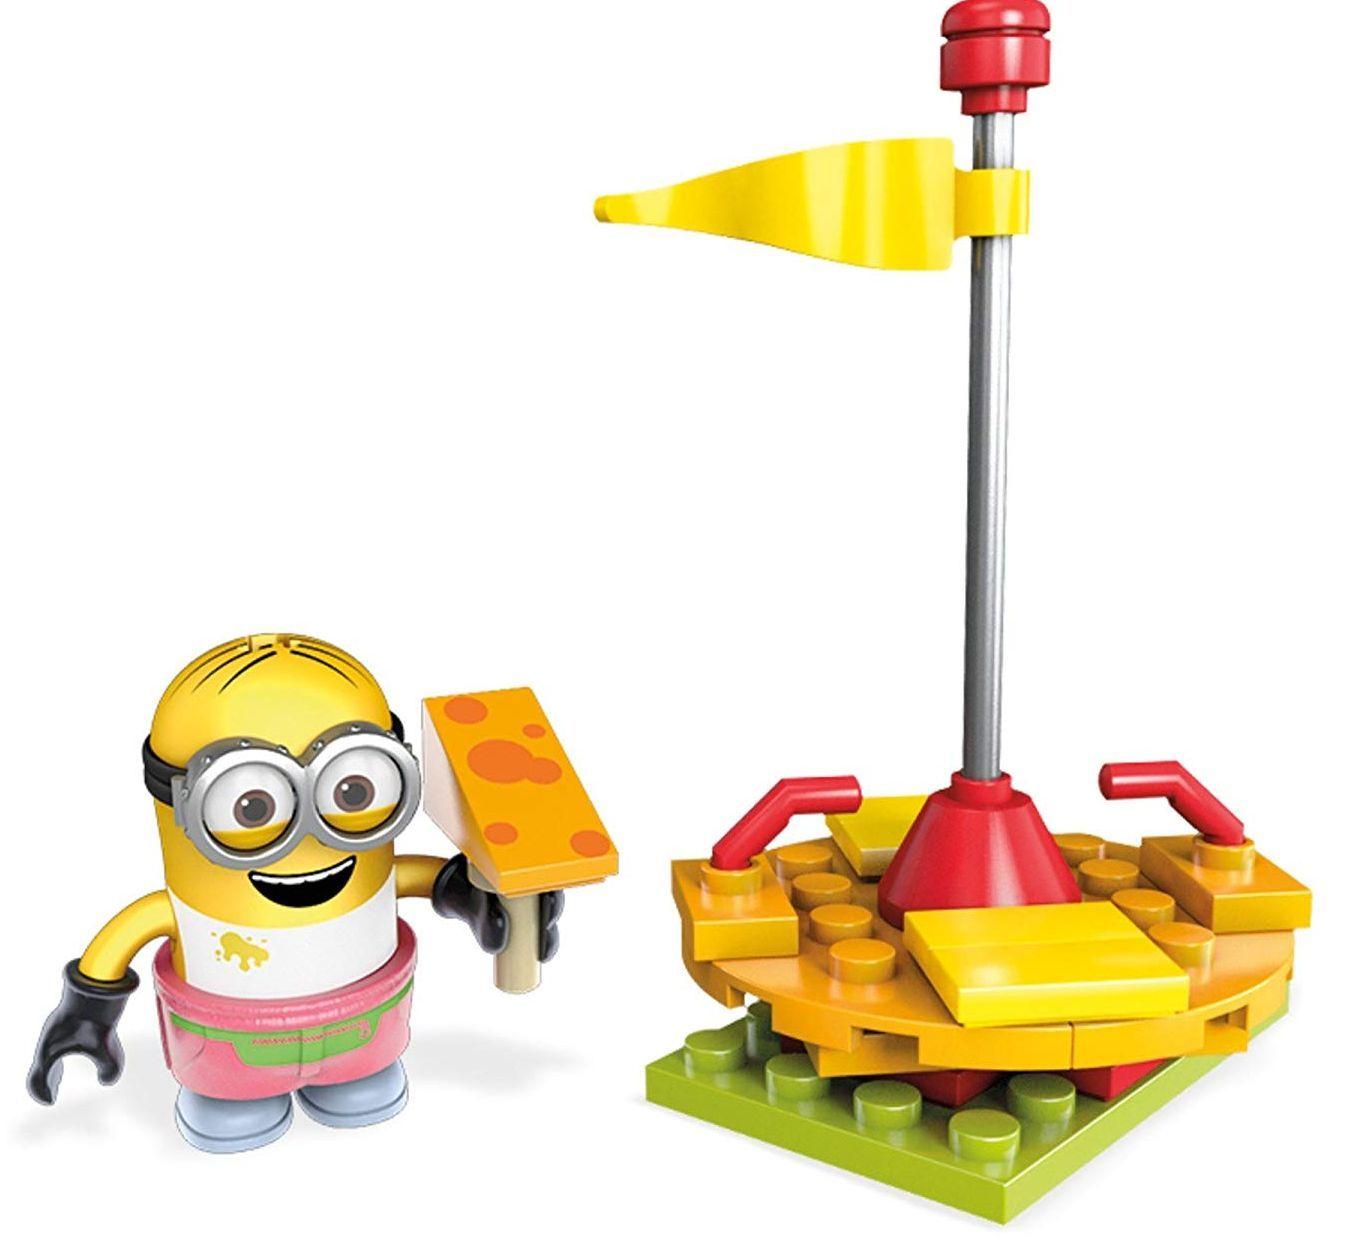 Конструктор Mega Construx - Cheese Merry Go-Round - 3